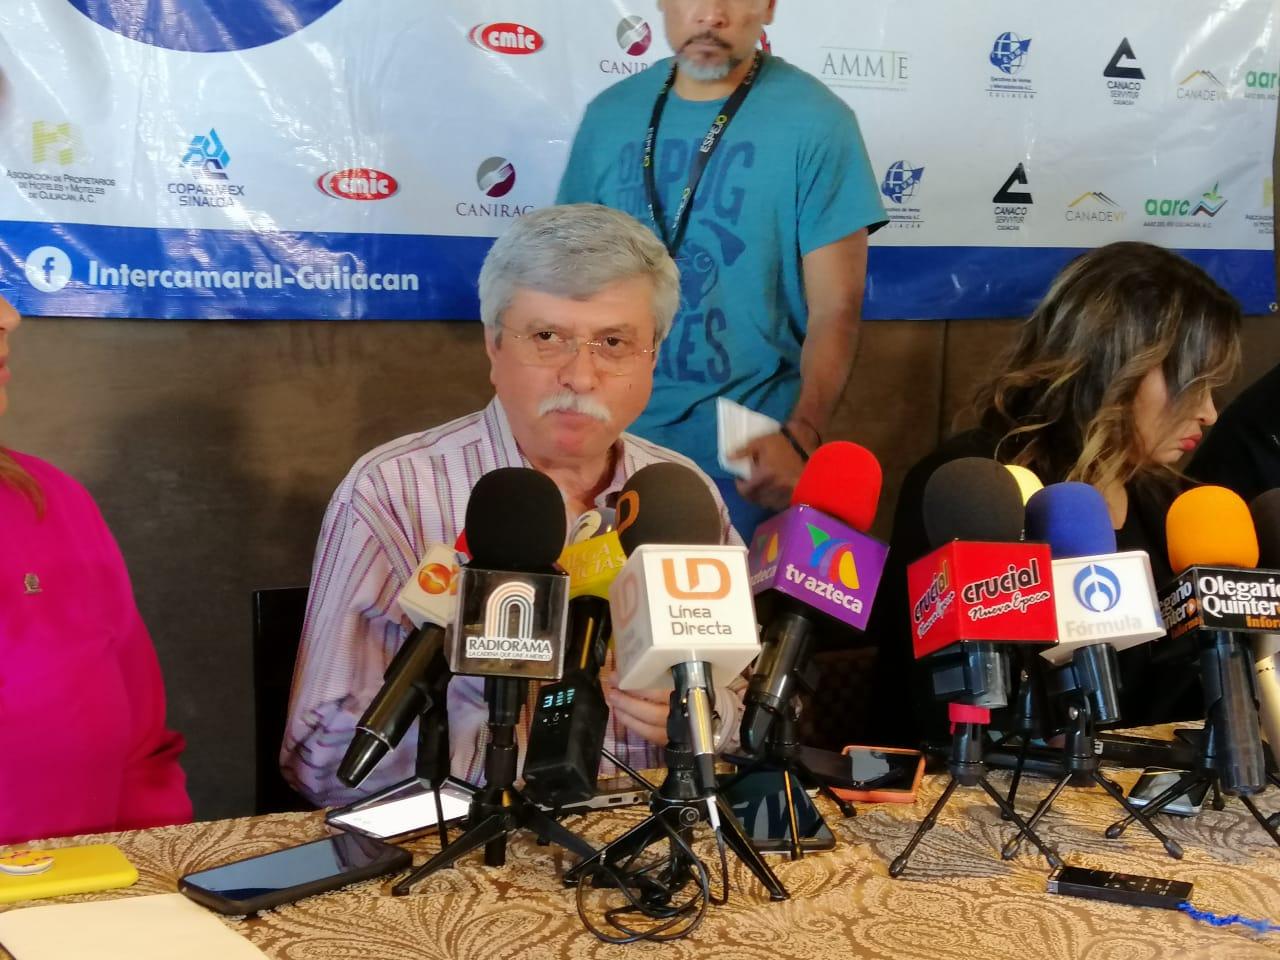 Incrementa a 7 los casos confirmados de COVID-19 en Sinaloa ...